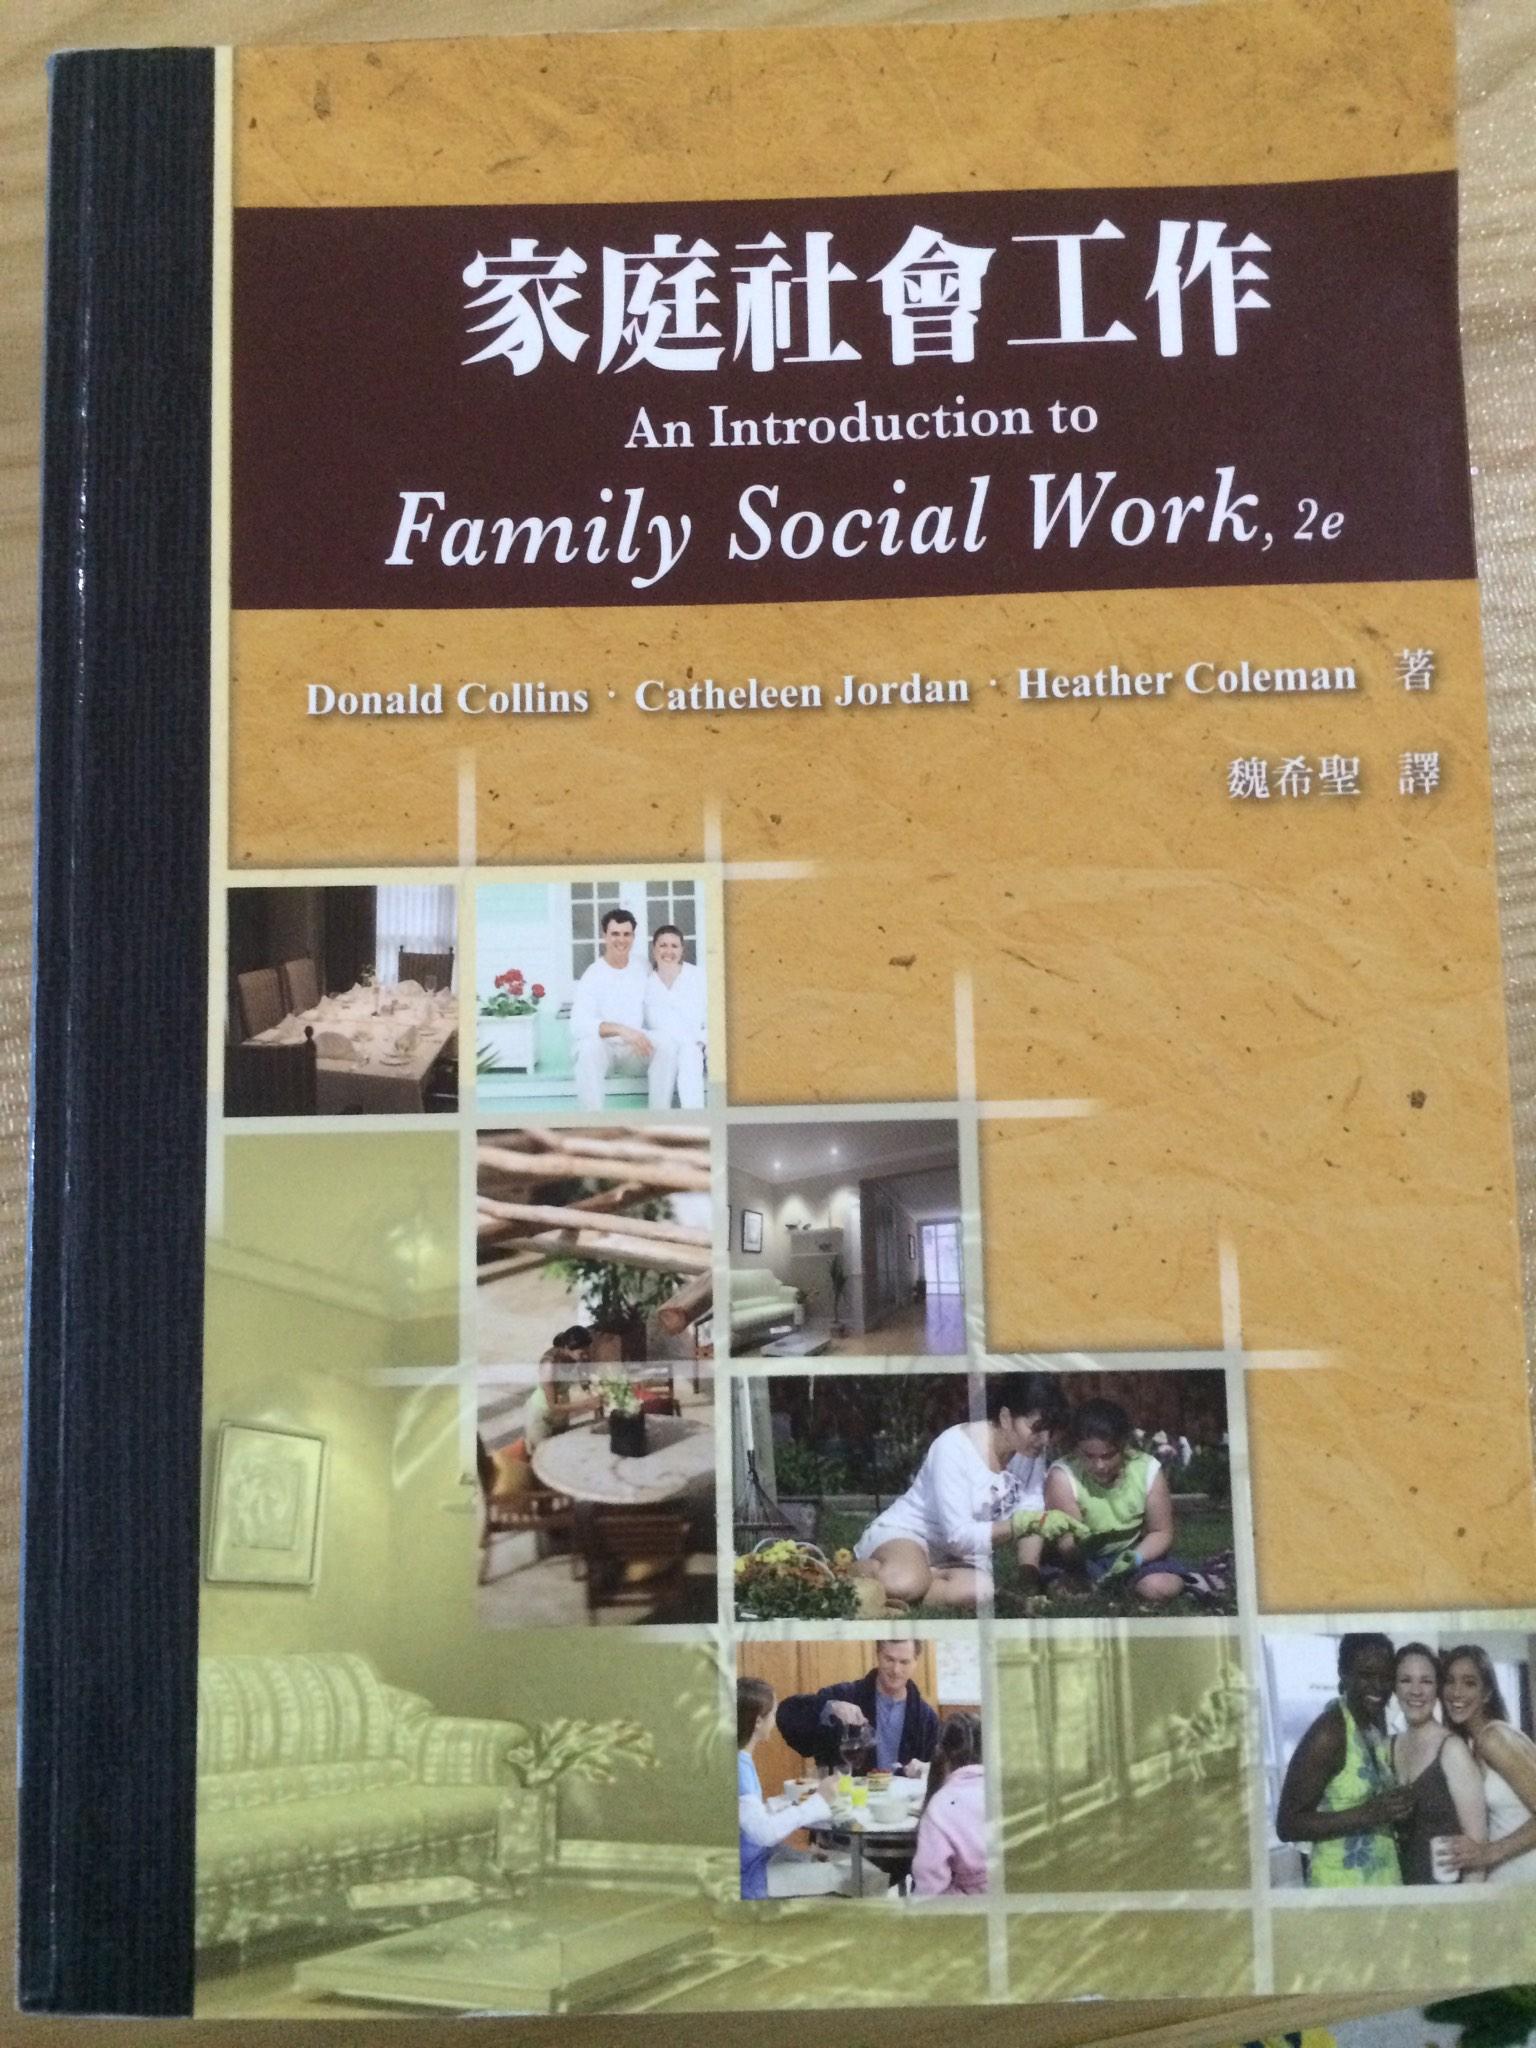 【家庭社会工作1】在线收听